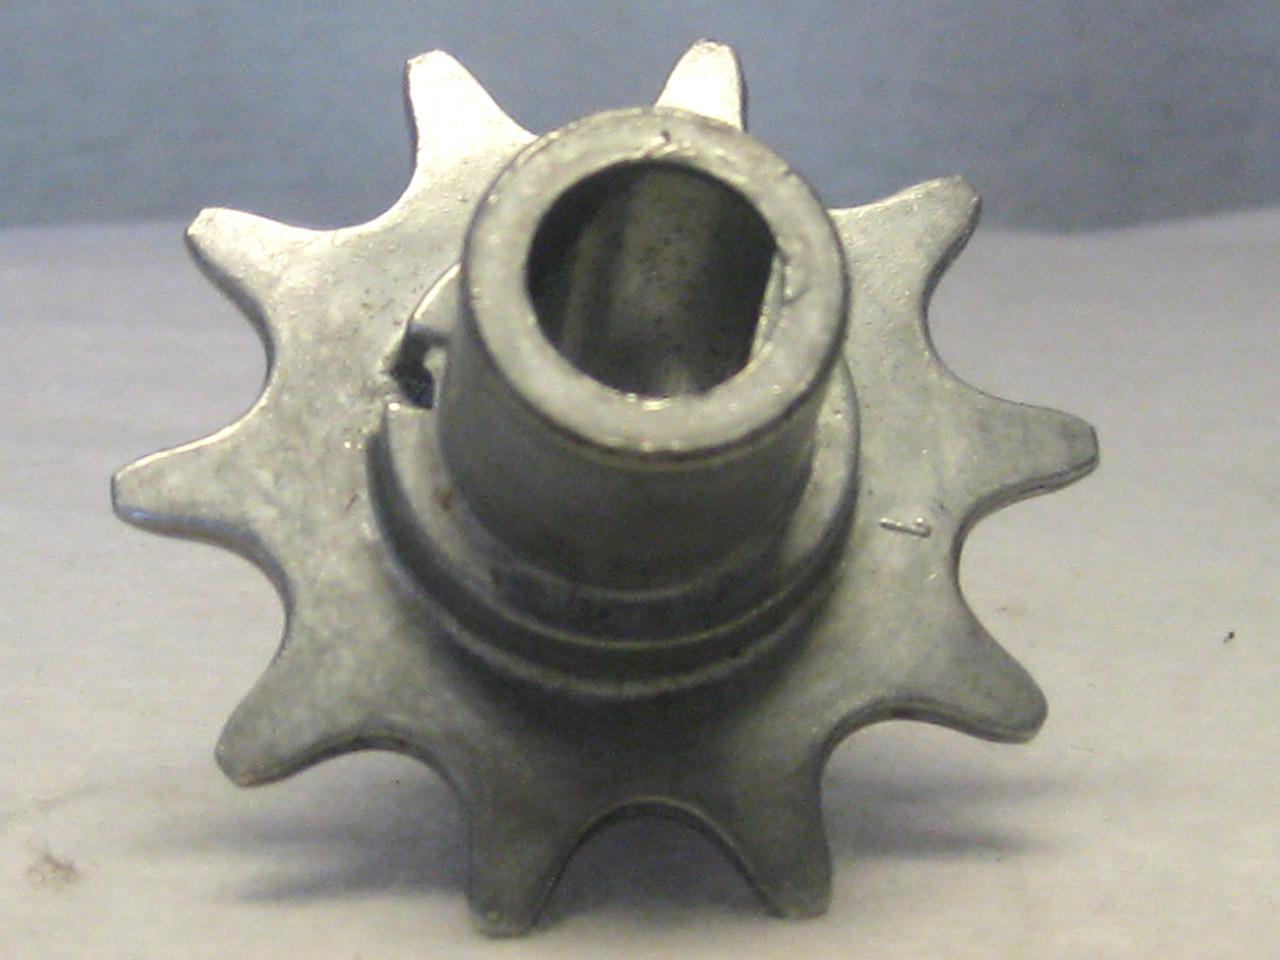 SPROCKET - 696/494 (CHAIN)